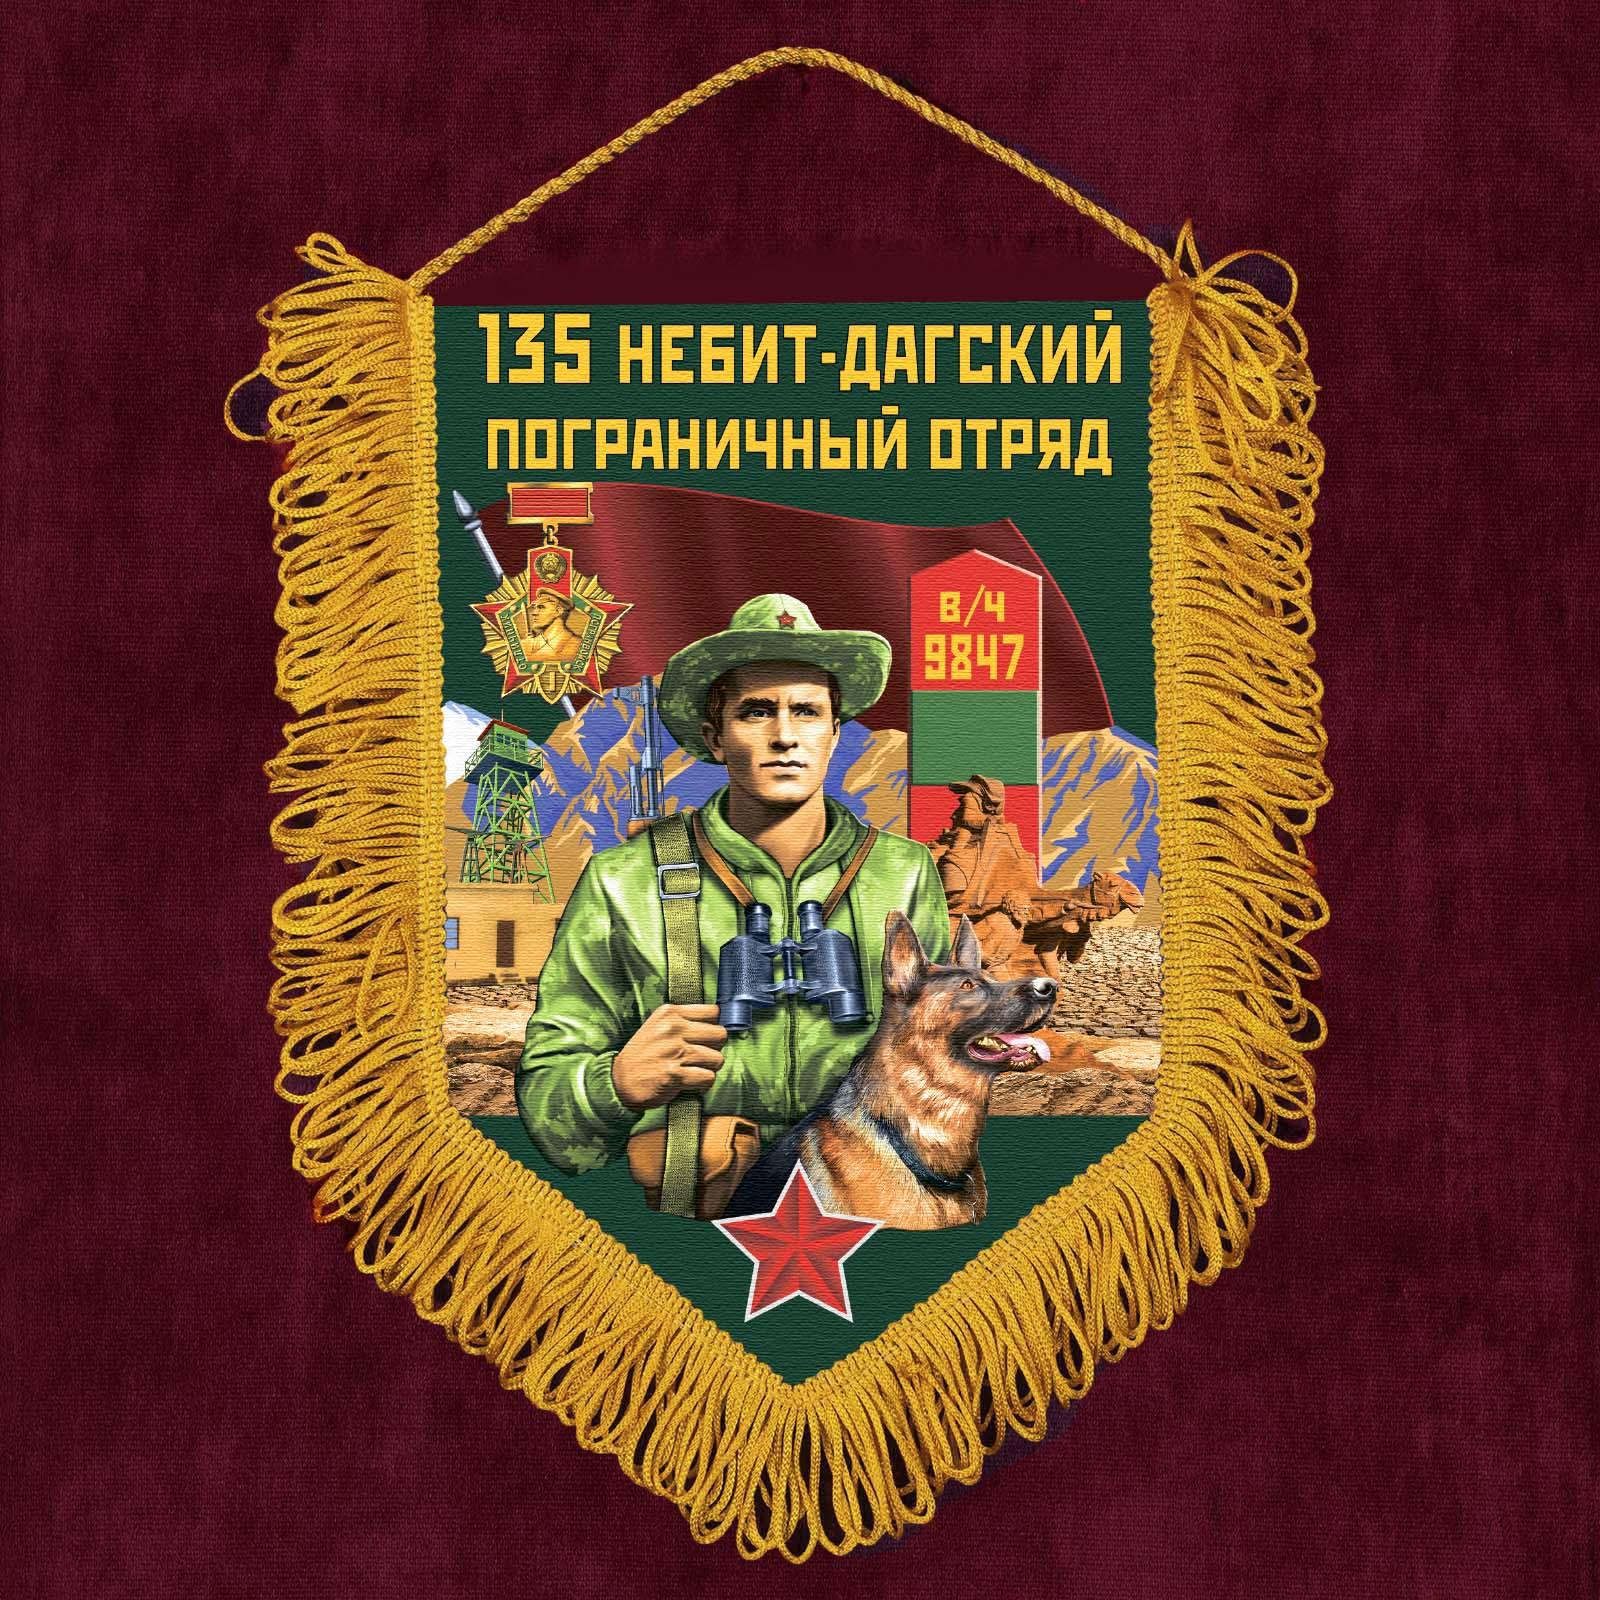 """Наградной вымпел """"135 Небит-Дагский пограничный отряд"""""""